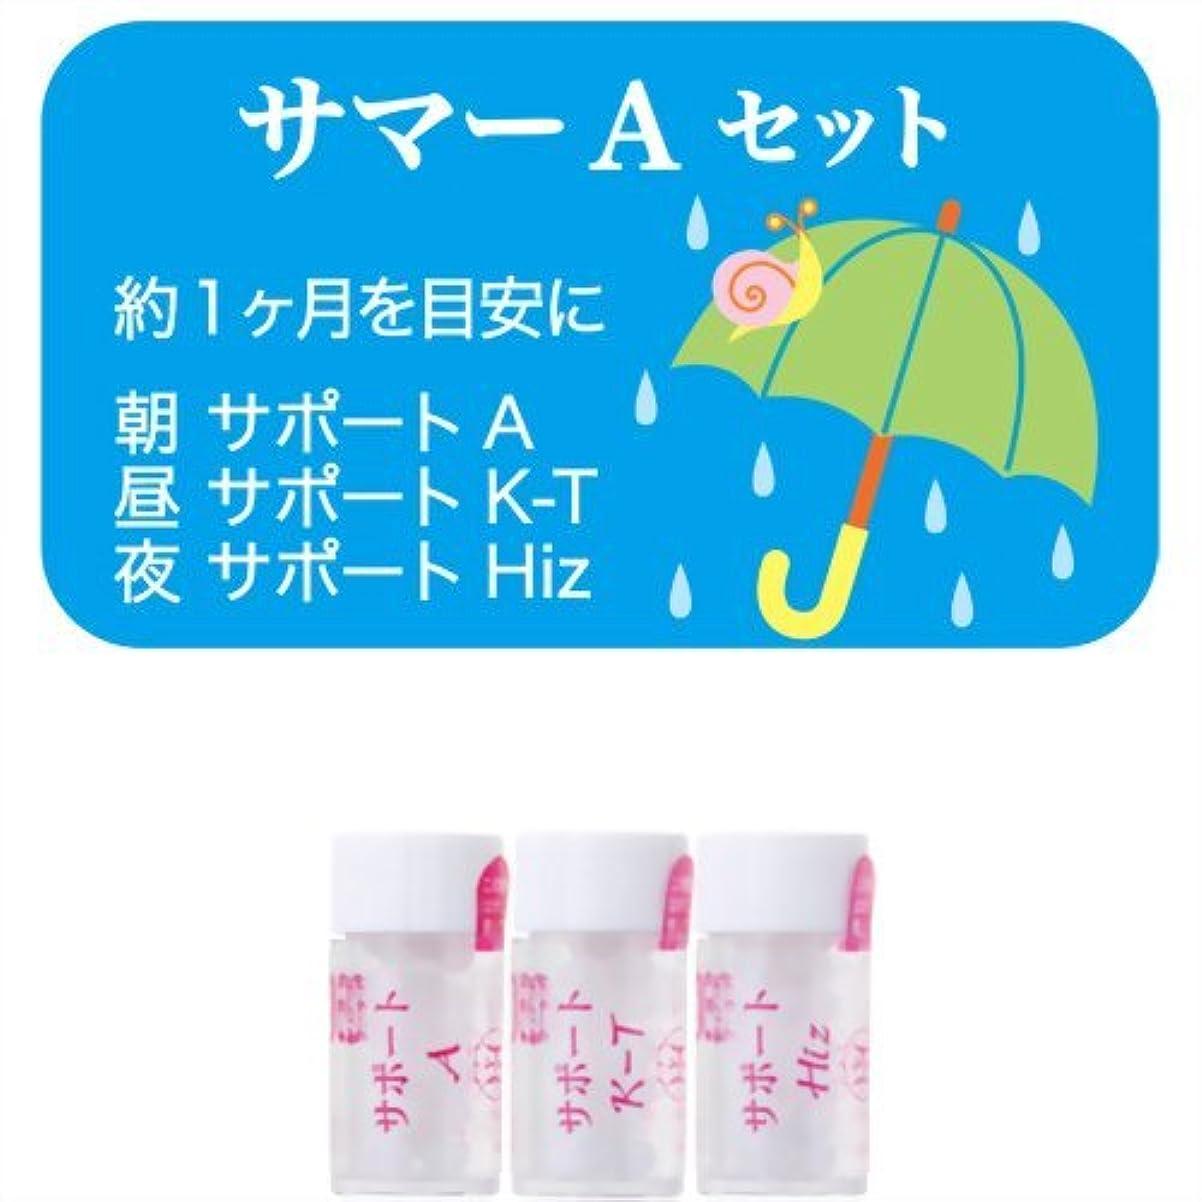 満足できる倍増累積ホメオパシージャパンレメディー サマーAセット